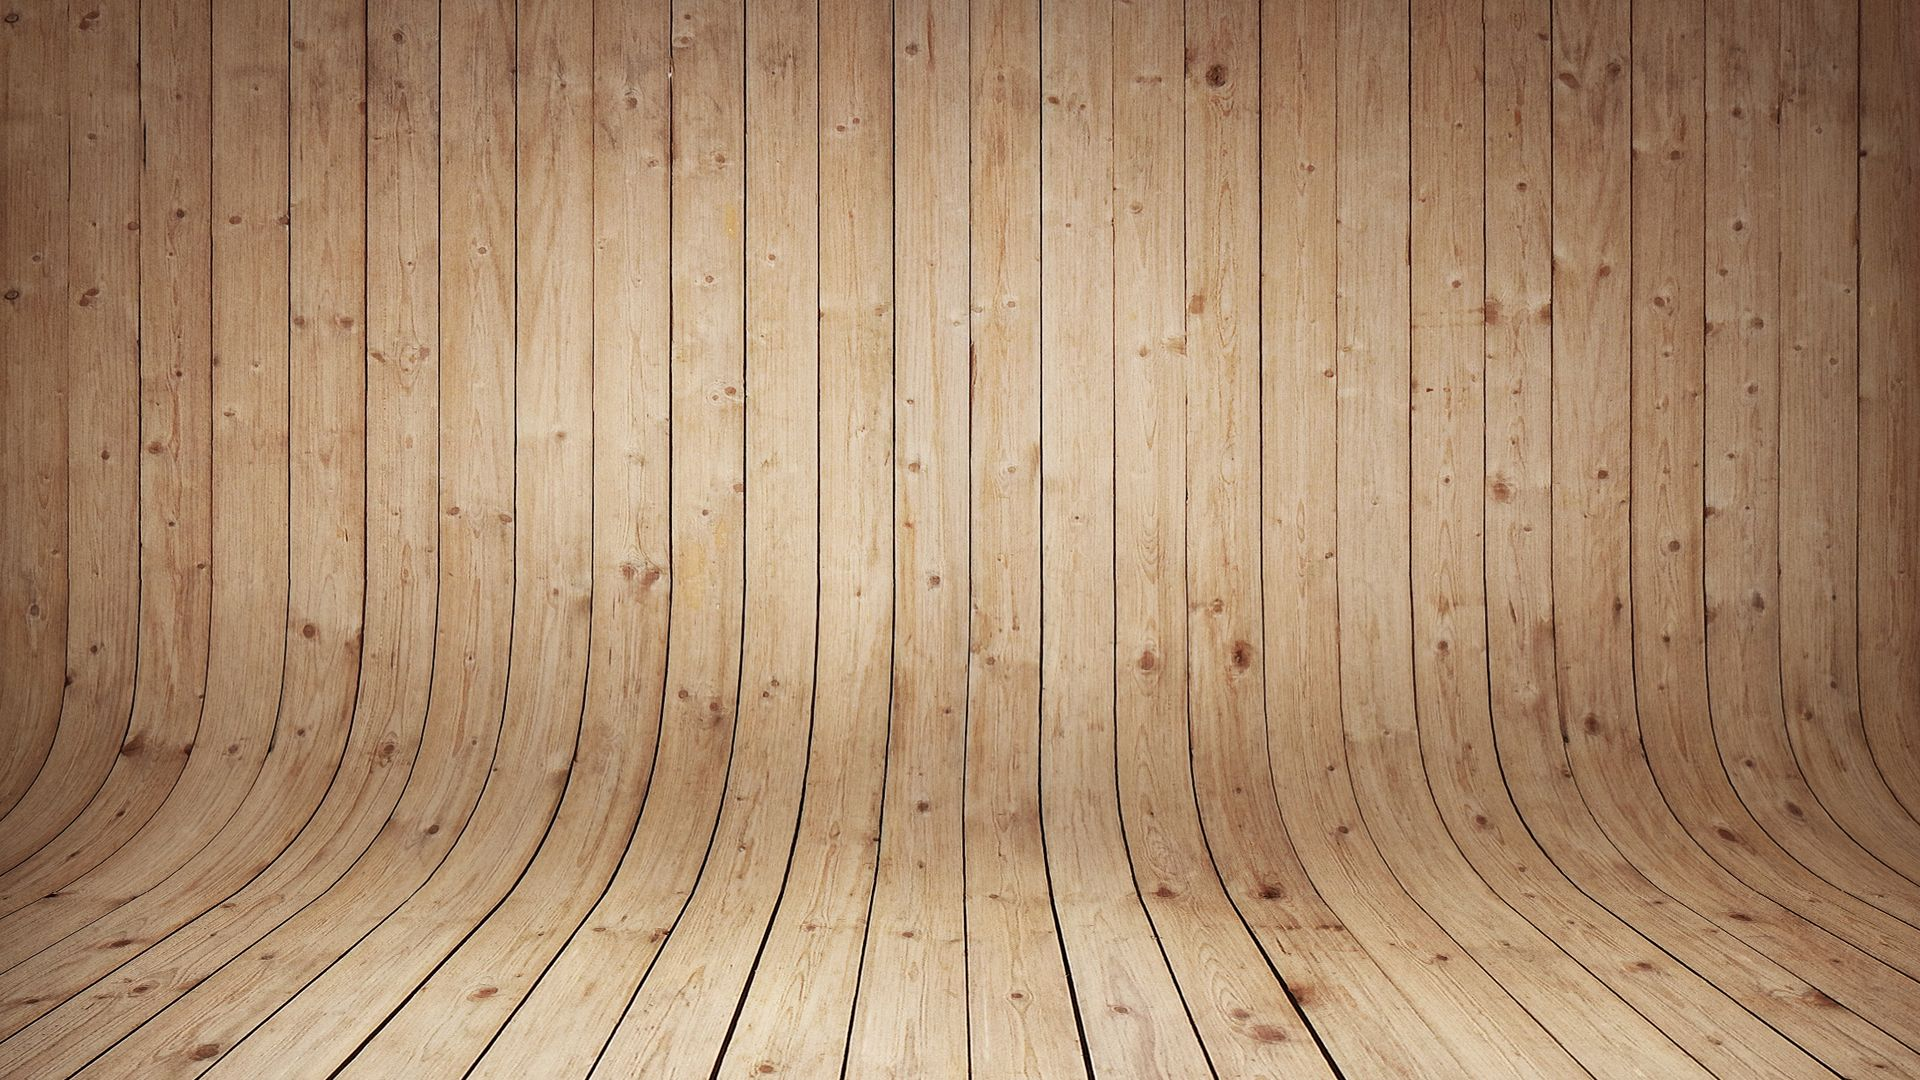 Best Wallpaper High Resolution Wood - 08d0f81195f6bb31ac8e5c6d72b17de6  2018_614550.jpg